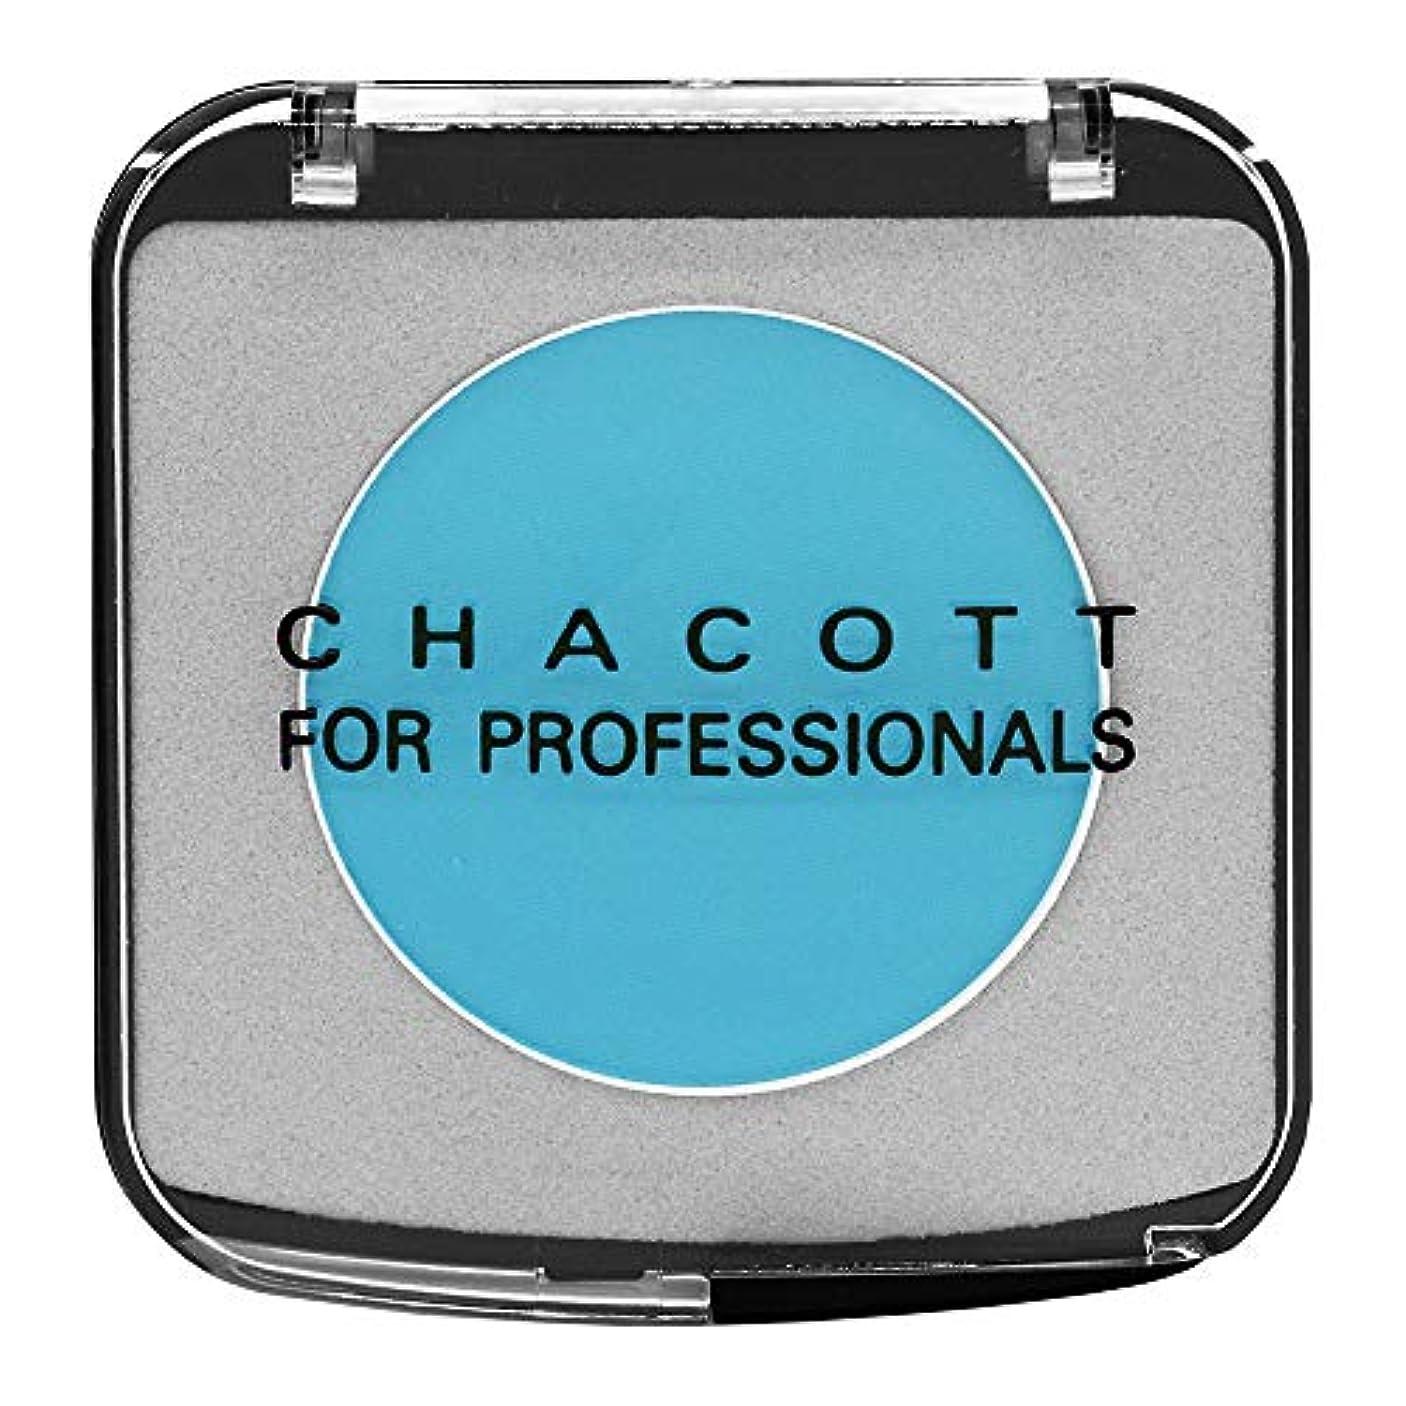 スクラップブック敵対的等価CHACOTT<チャコット> カラーバリエーション 613.ピーコックブルー